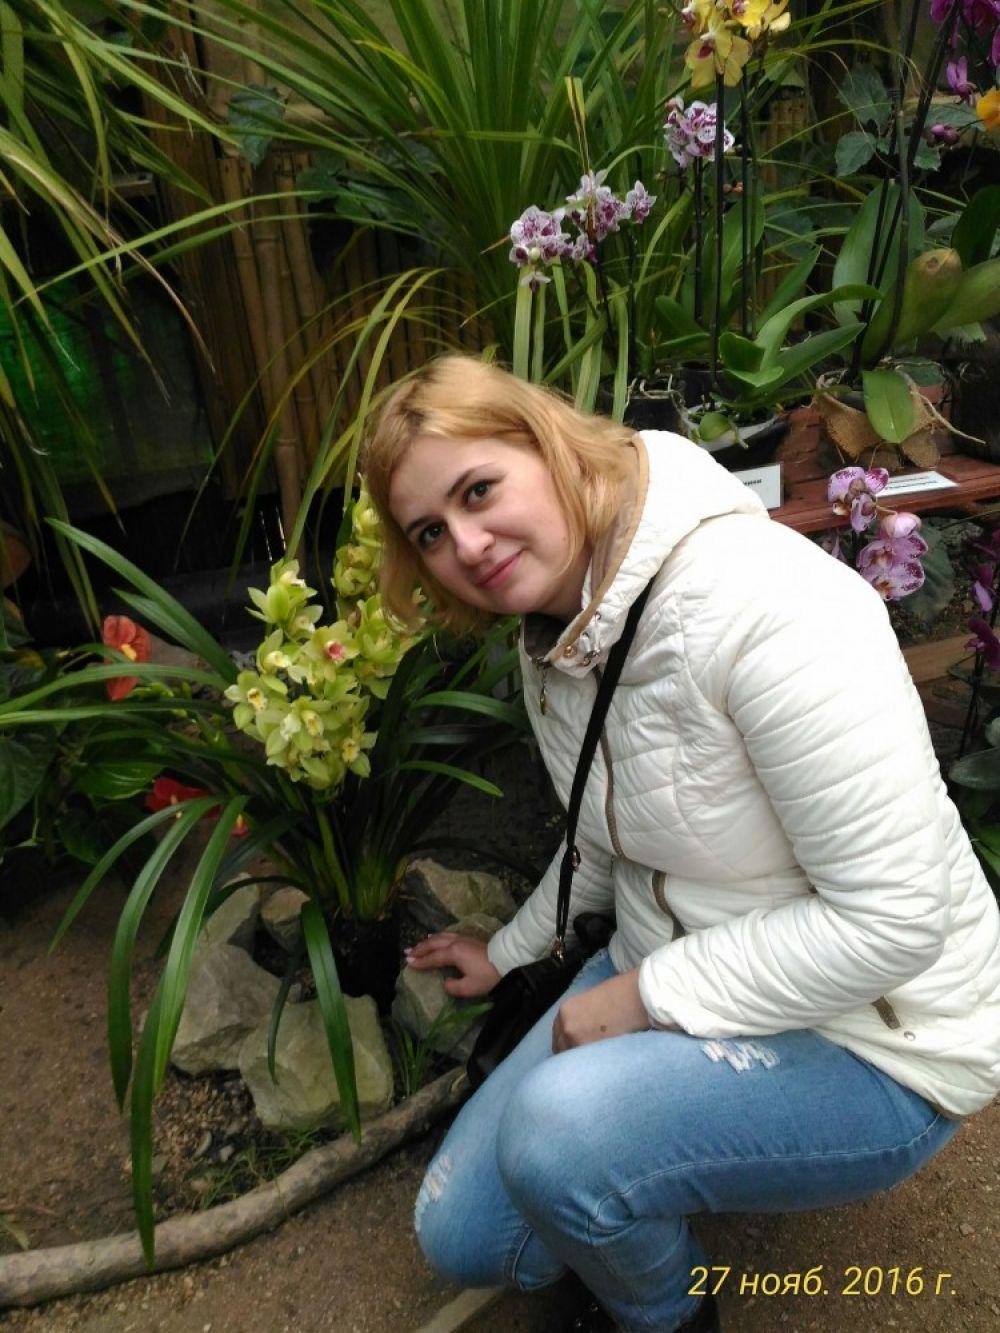 Любительница орхидей:  «Танцую вокруг с бубном, а она жадничает»